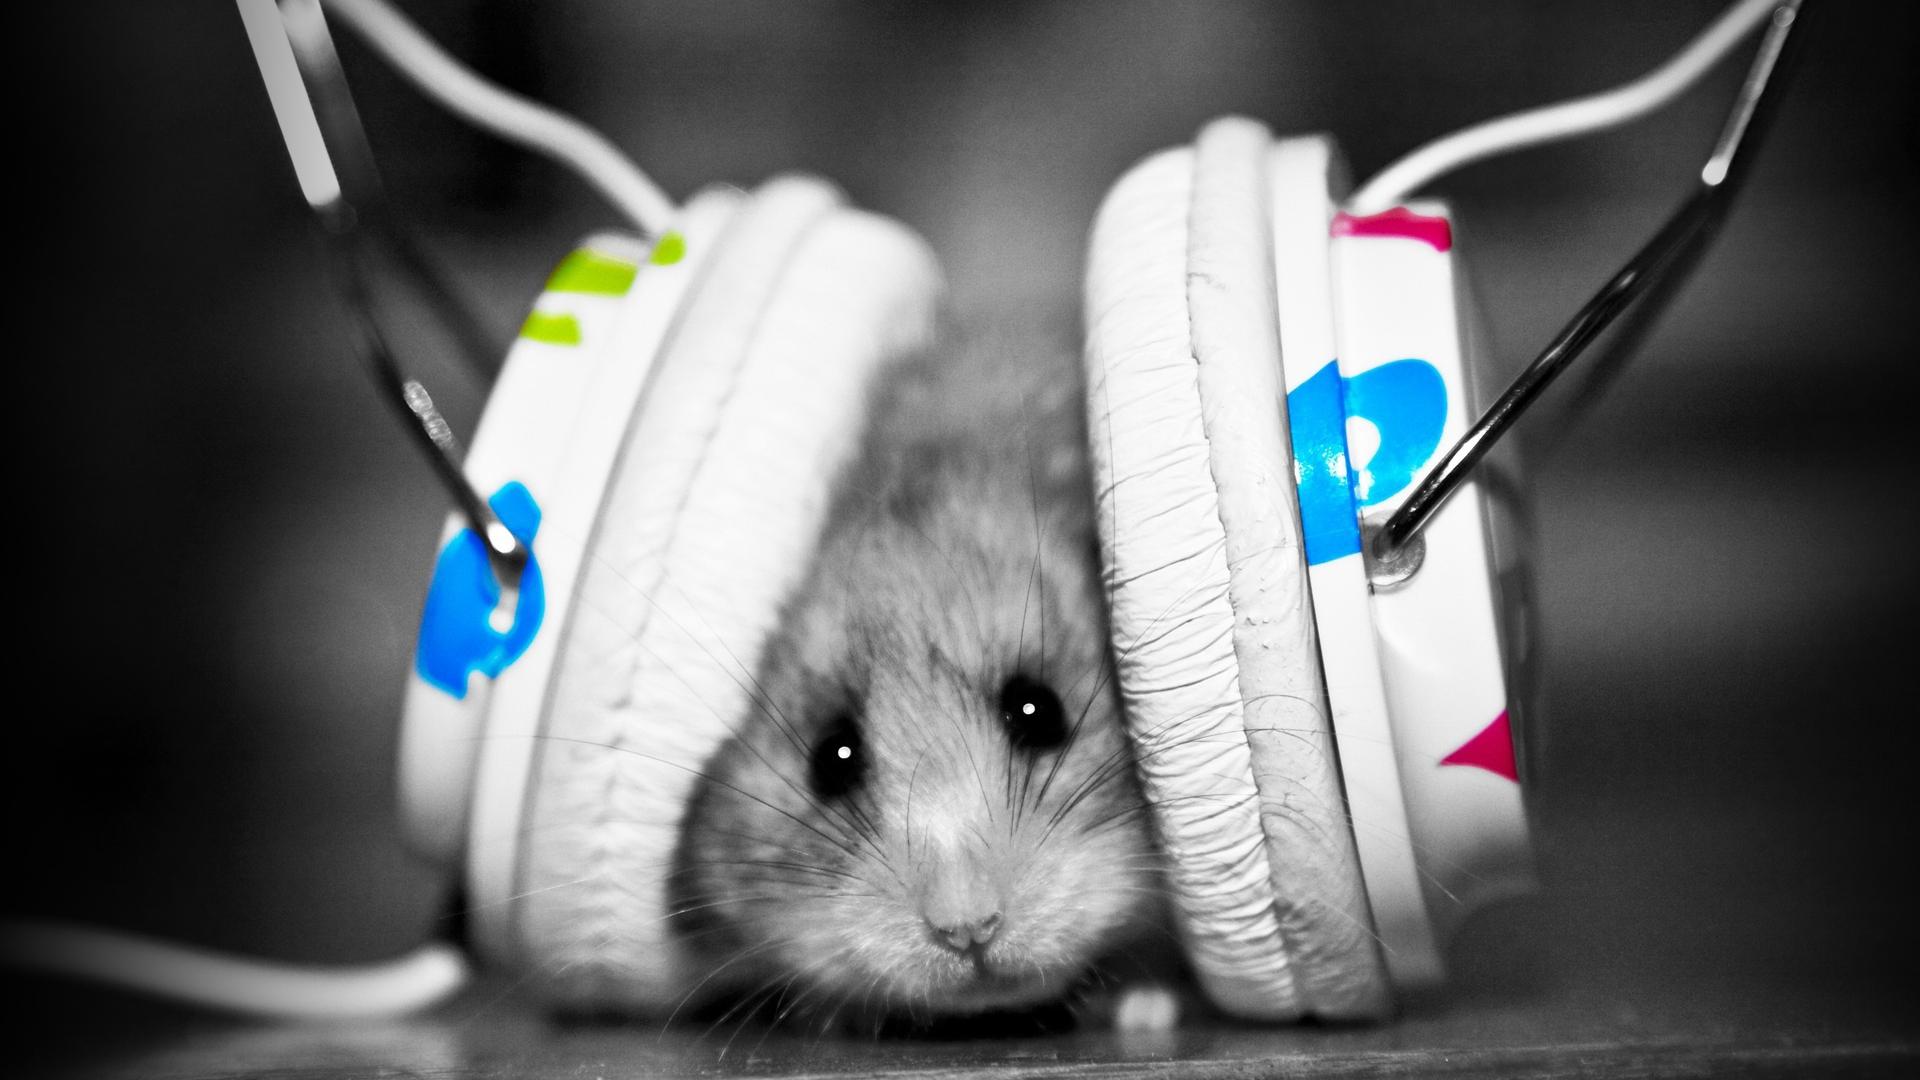 Hd wallpaper music - Music Fan Hamster Full Hd Desktop Wallpaper 1080p